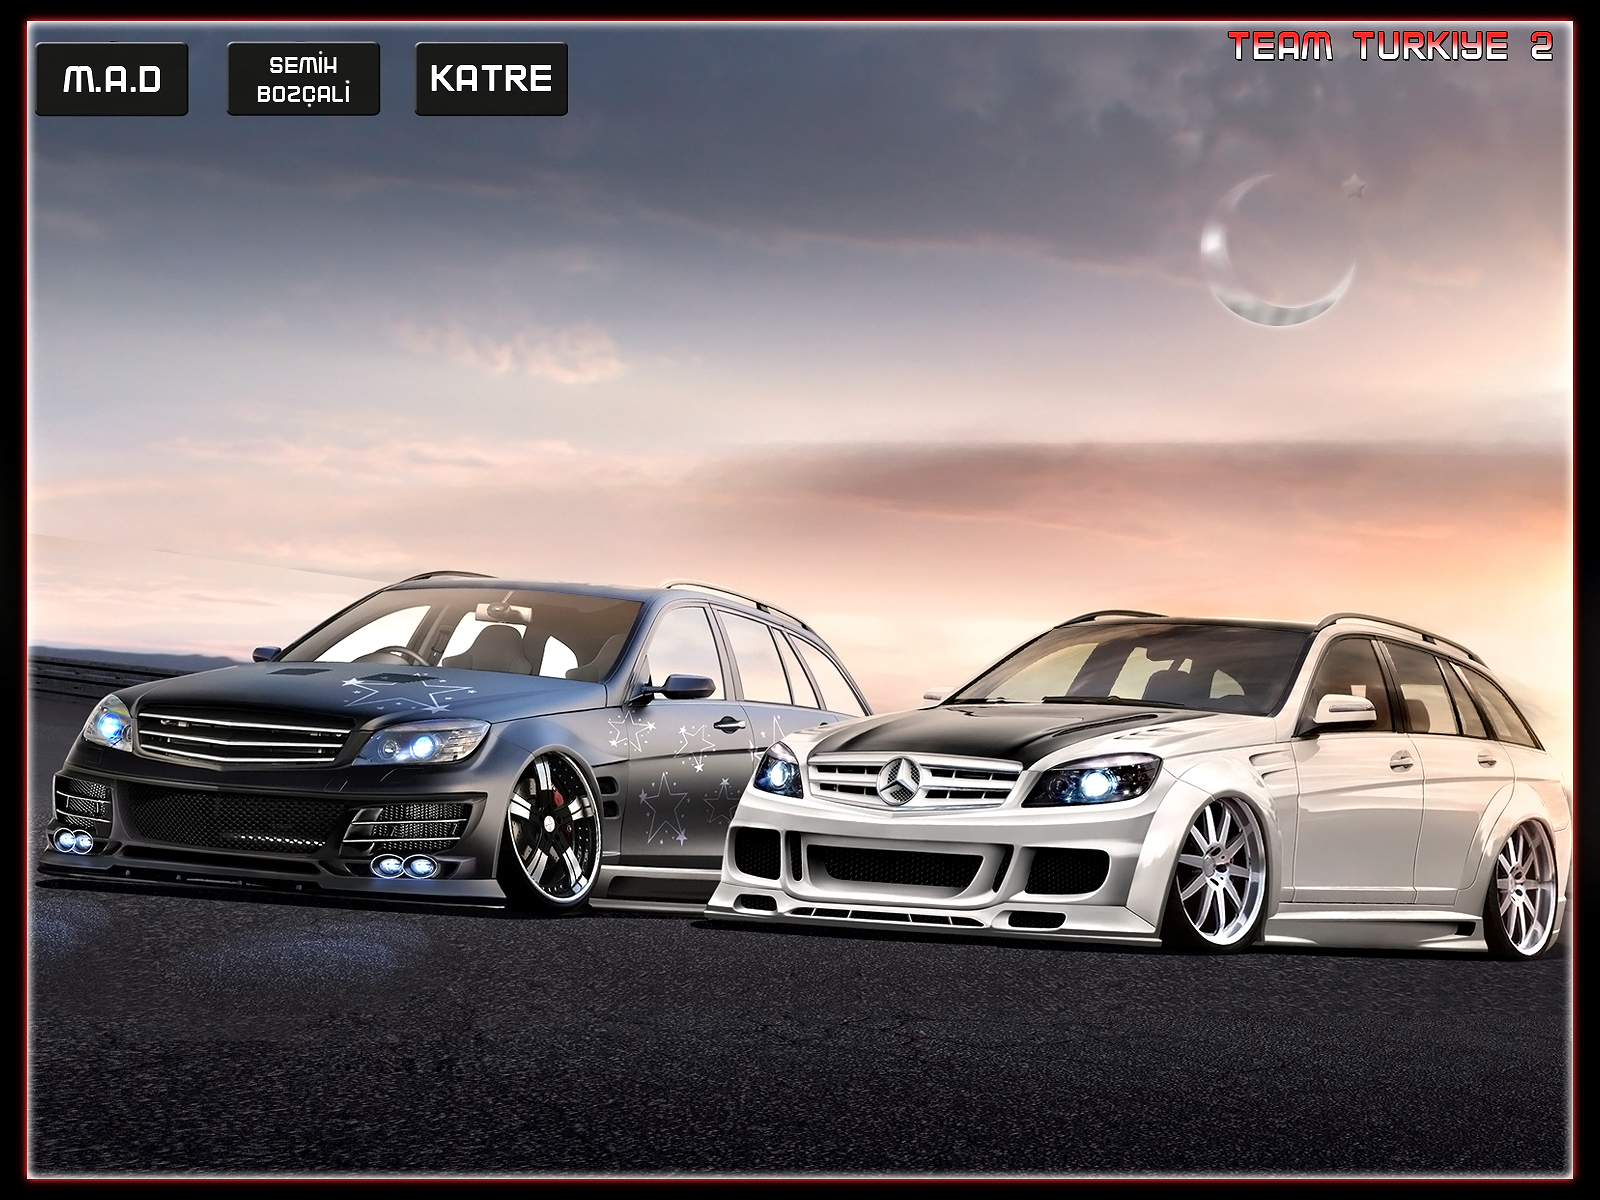 http://1.bp.blogspot.com/-HvL_zFjwXIM/TbJuHuBVCNI/AAAAAAAAACA/bI8Ujpu4SXE/s1600/Mercedes_Benz_C63_AMG_Estate_by_katre_design.jpg